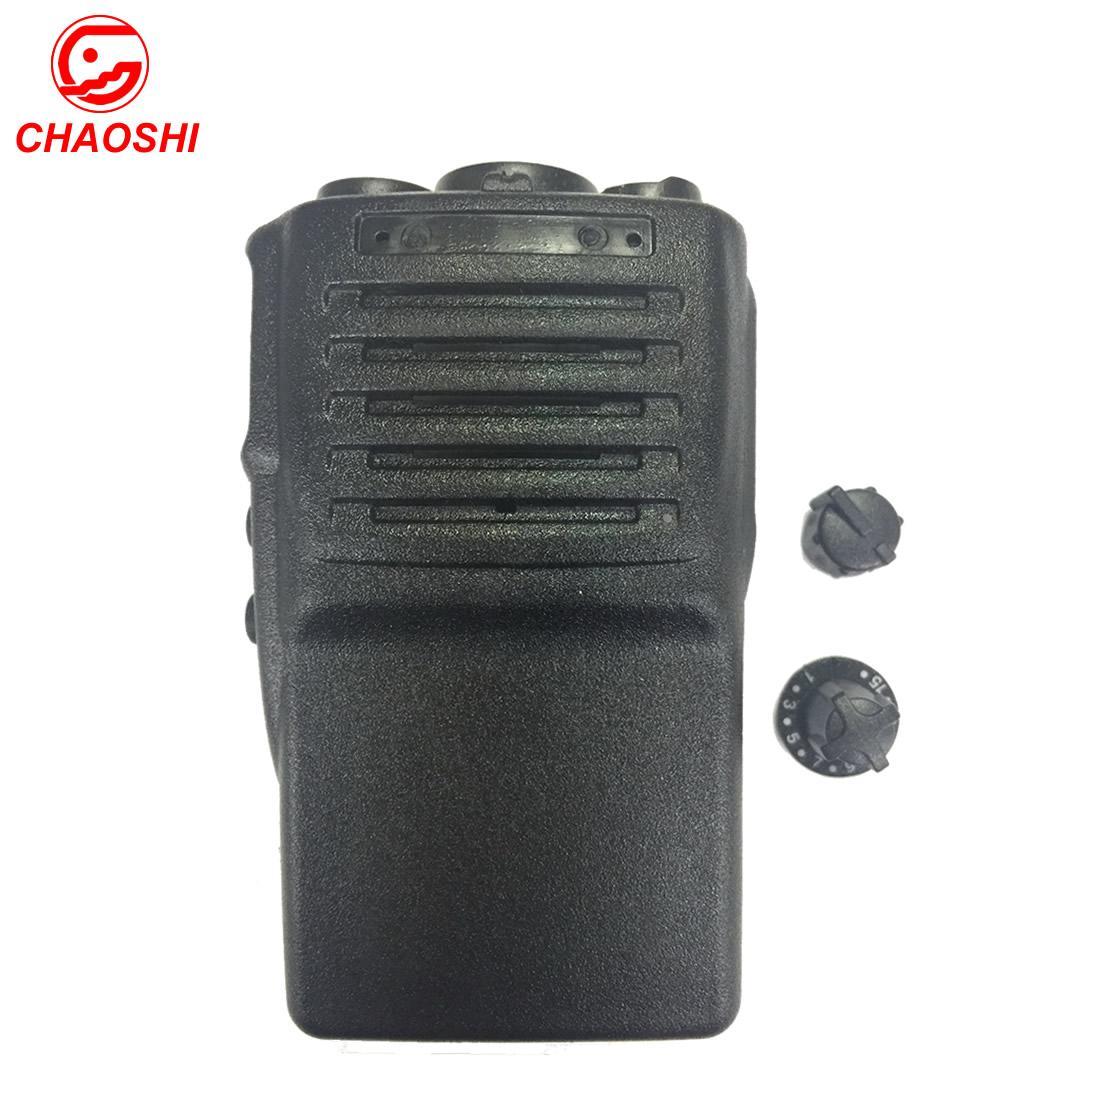 面殼VX351, CB8913001 1